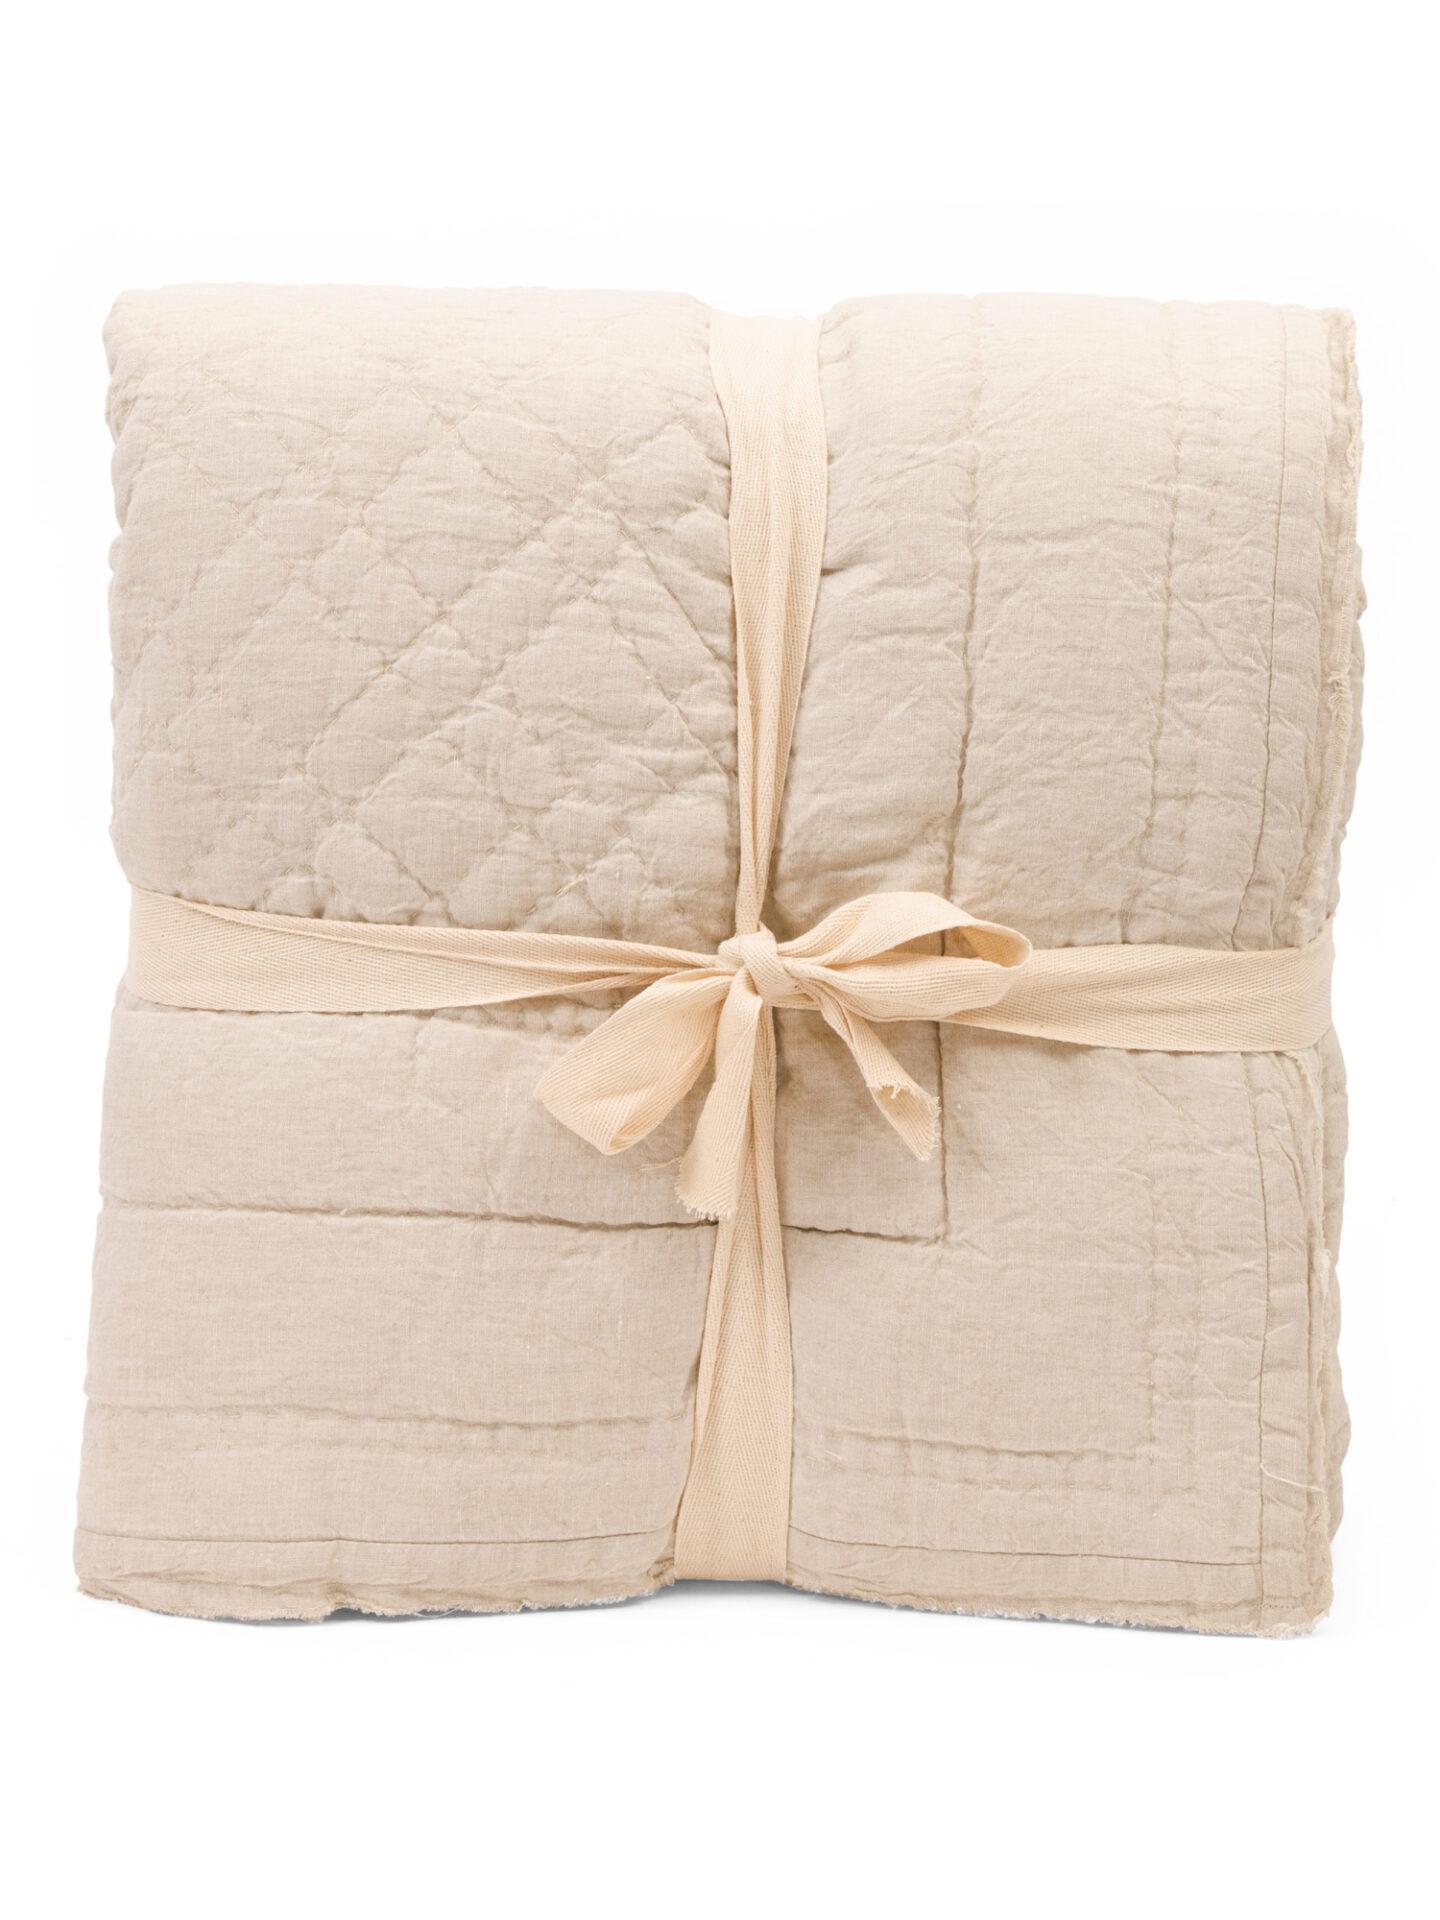 Linen fray edge quilt